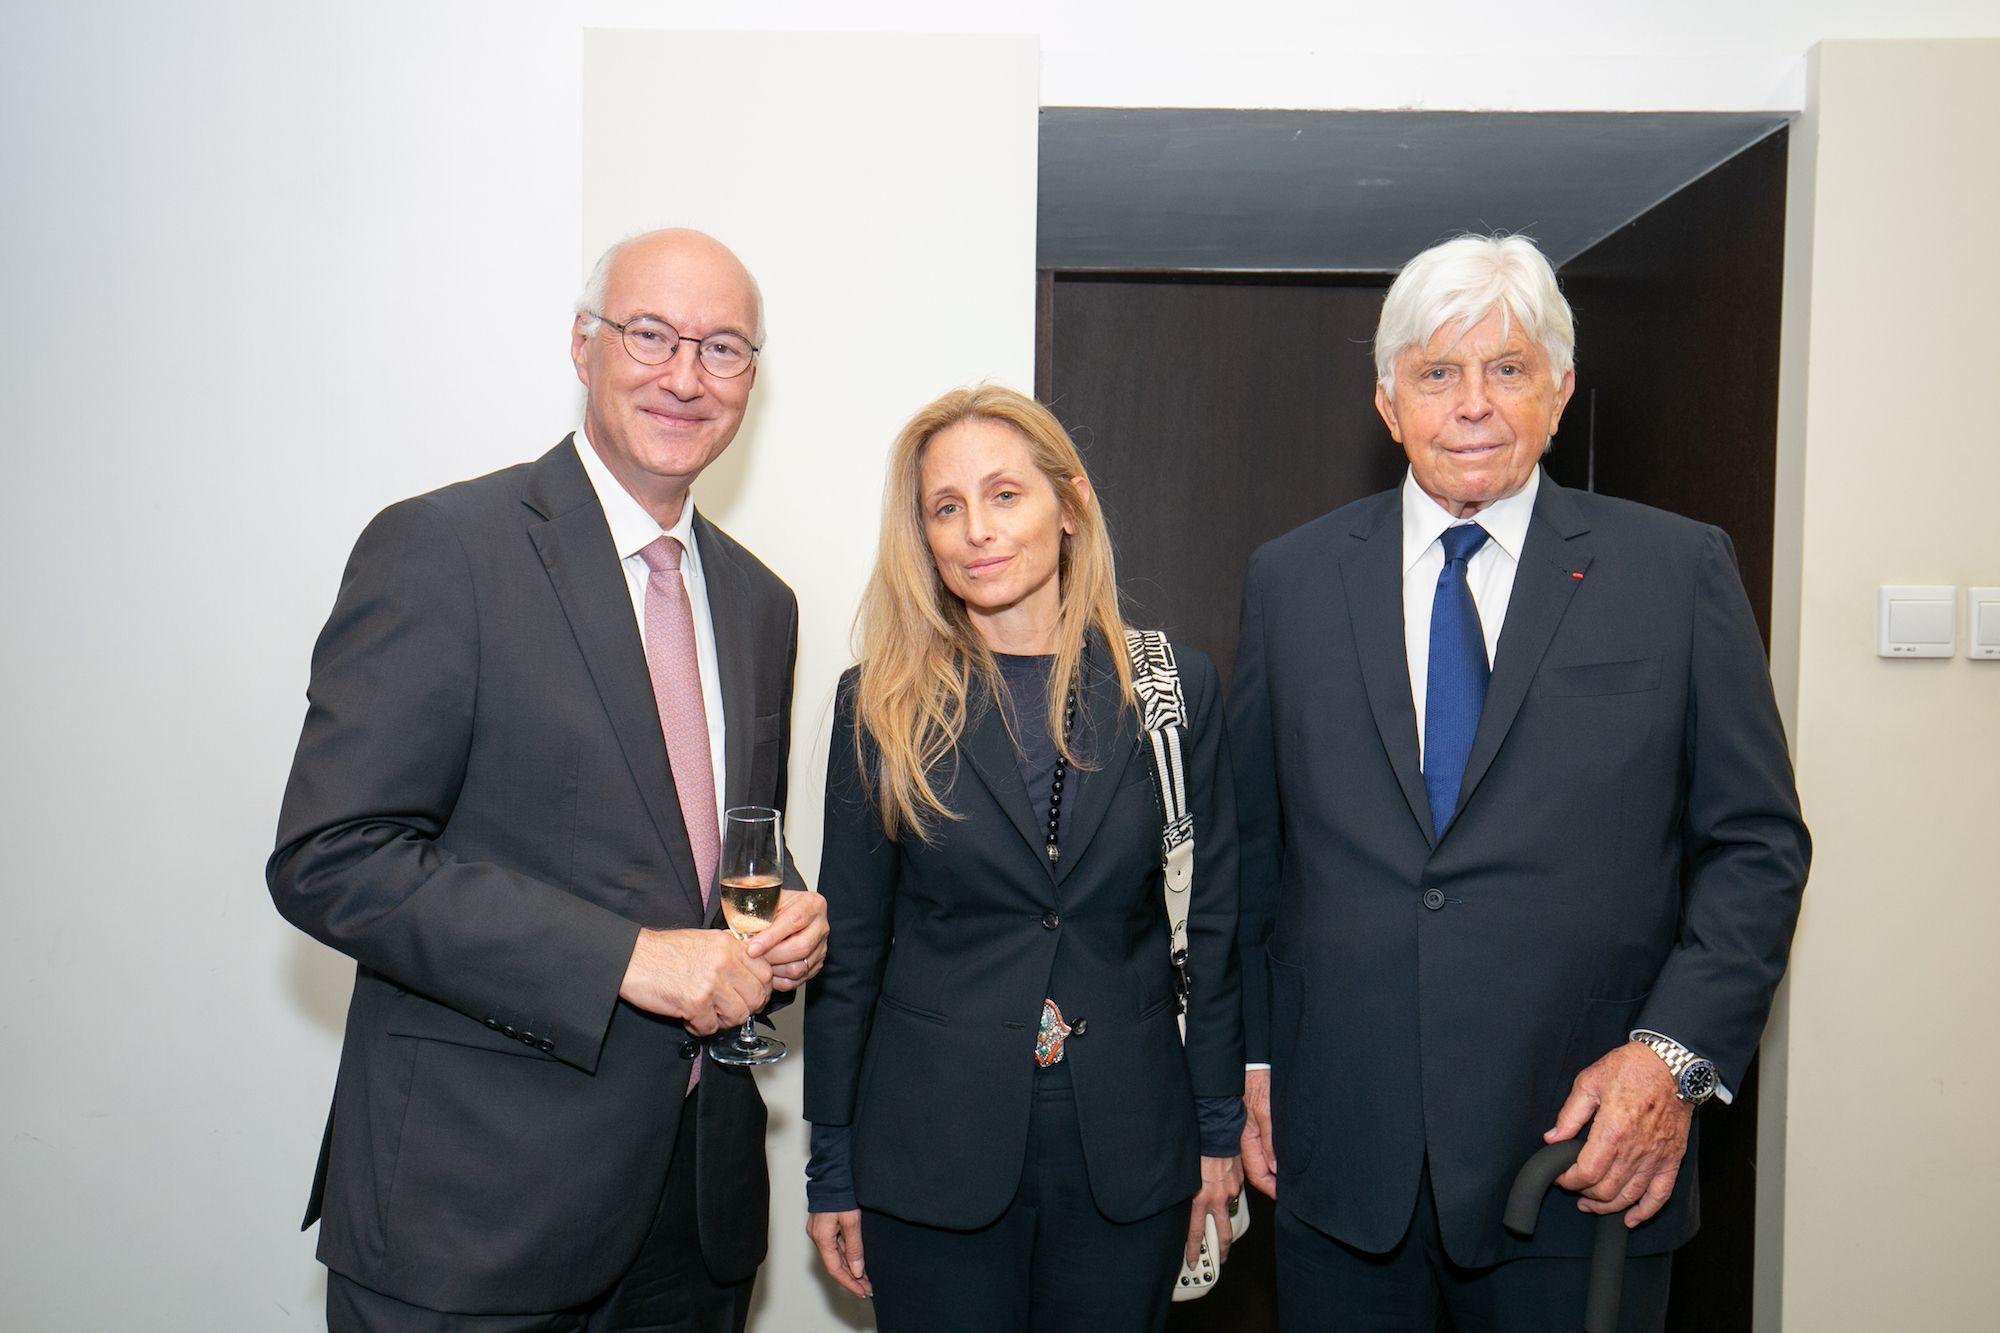 Eric Berti, Pia Getty, Robert Miller